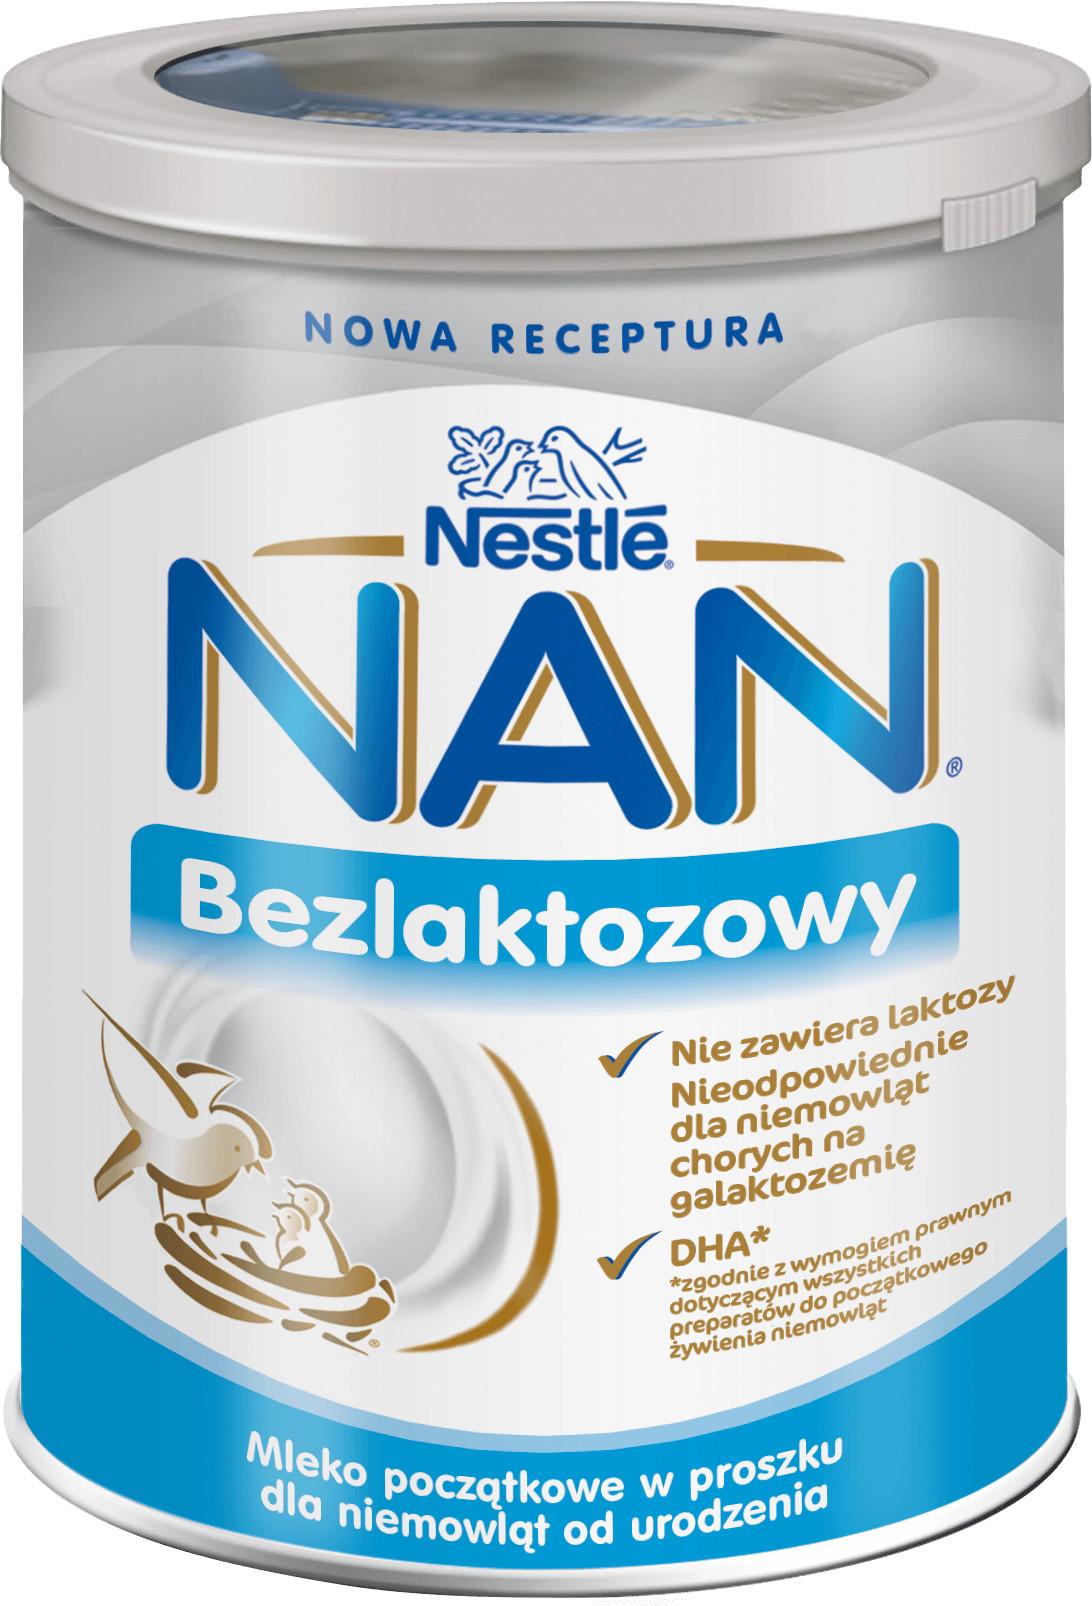 Nestle NAN Bezlaktozowy 1 400 g